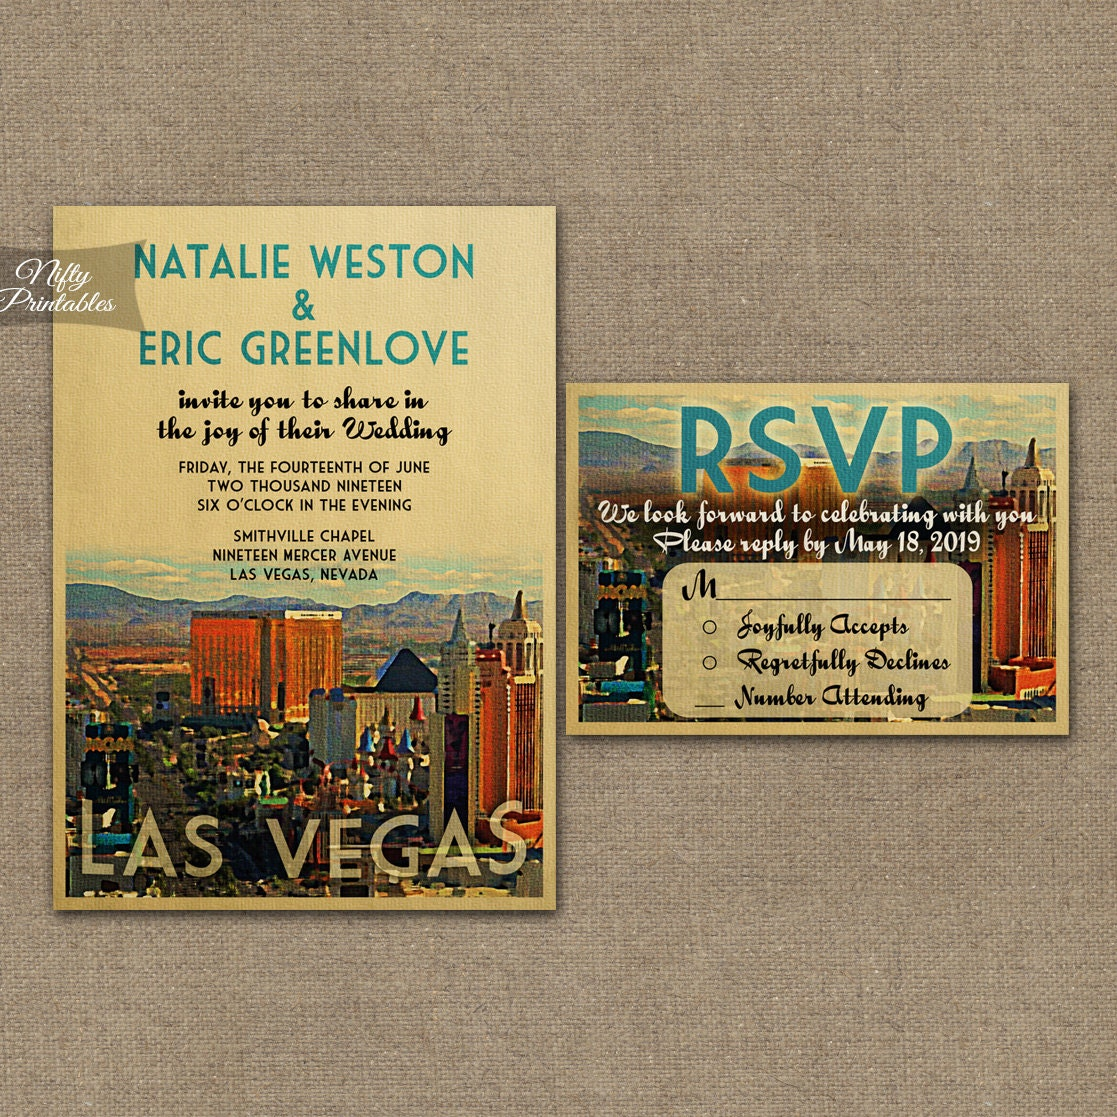 Las Vegas Wedding Invitation Wording: Las Vegas Wedding Invitation Printable Vintage Vegas Wedding